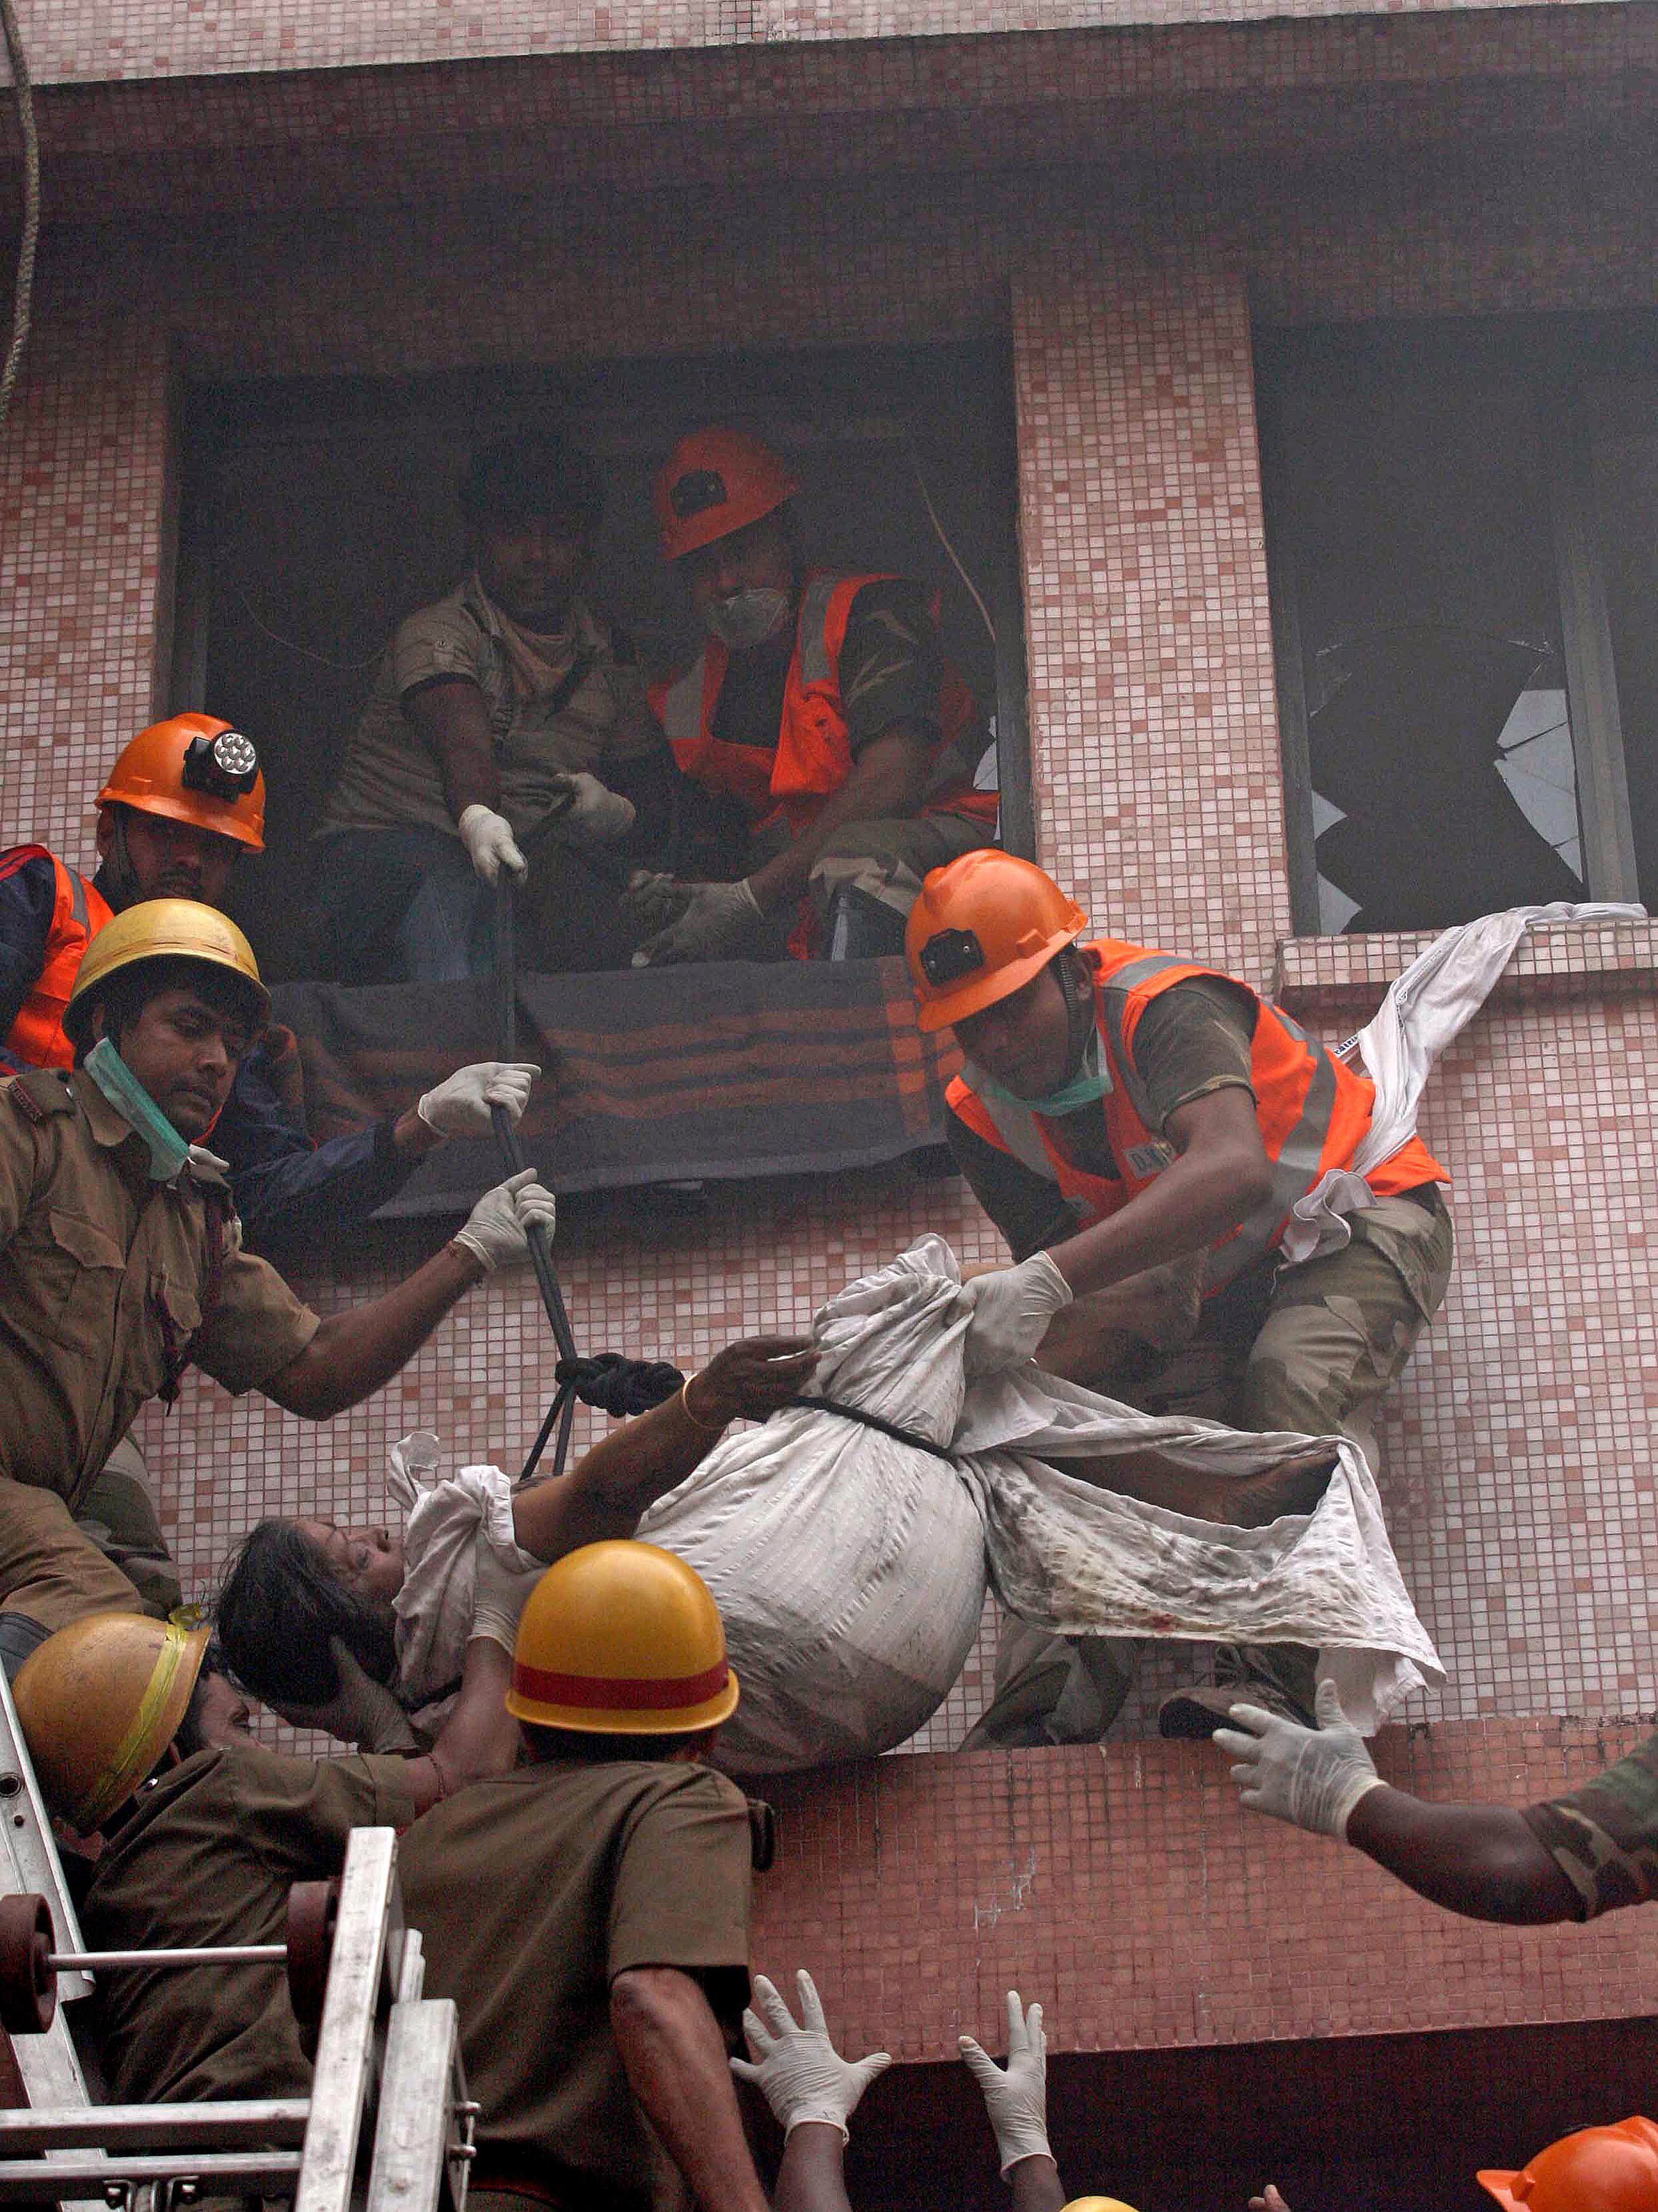 Многие из них задохнулись от дыма. На момент пожара в клинике находилось 160 пациентов. Индийские власти ожидают, что количество жертв может возрасти. Фото: STRDEL/AFP/Getty Images